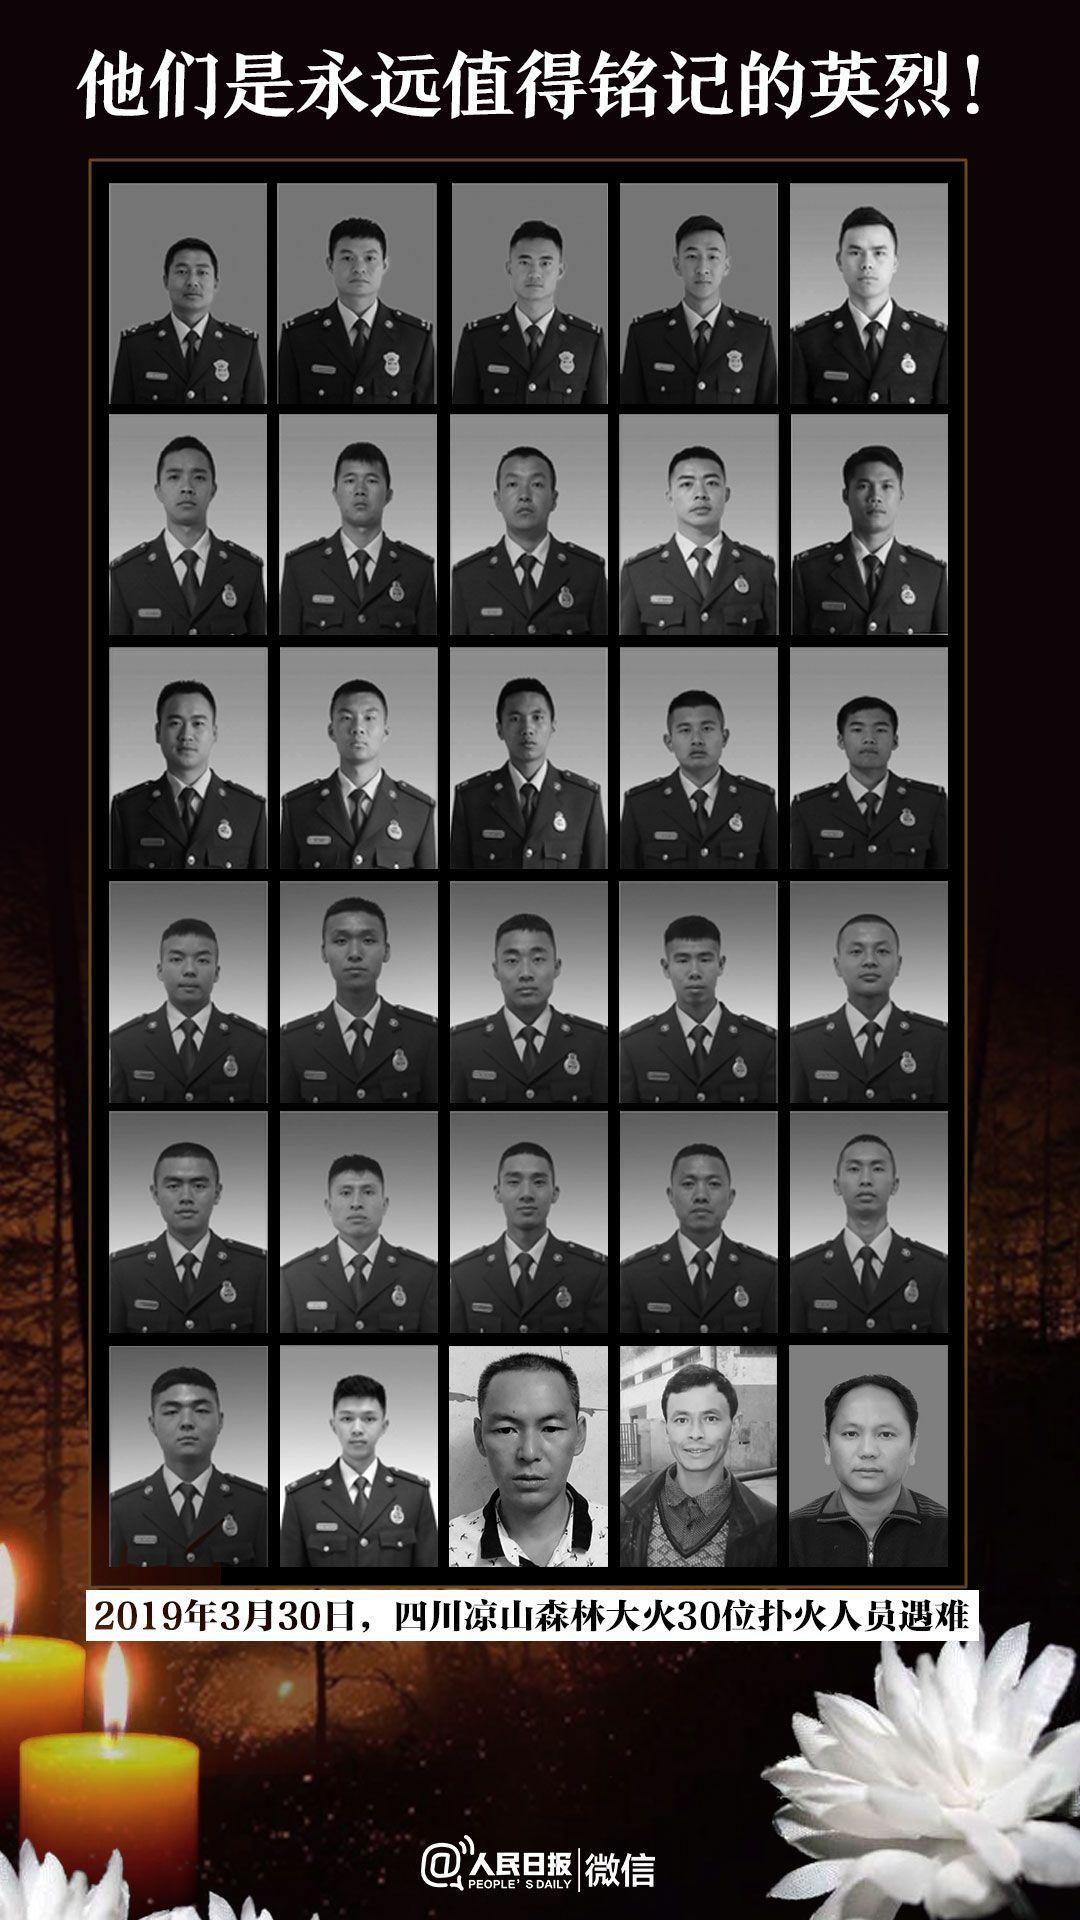 永一、张 帅、古剑辉、王佛军、高继垲、汪耀峰、孔祥磊、杨瑞伦、康